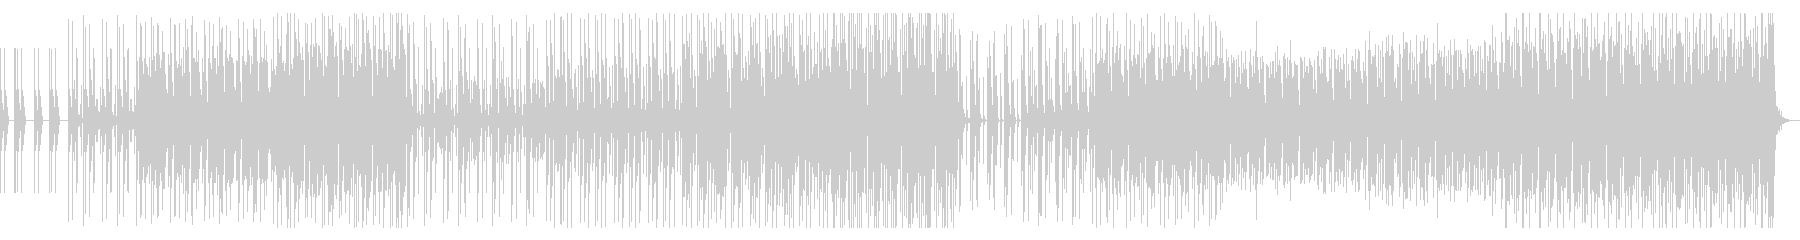 リズムをメインにしたエレクトロファンクの未再生の波形